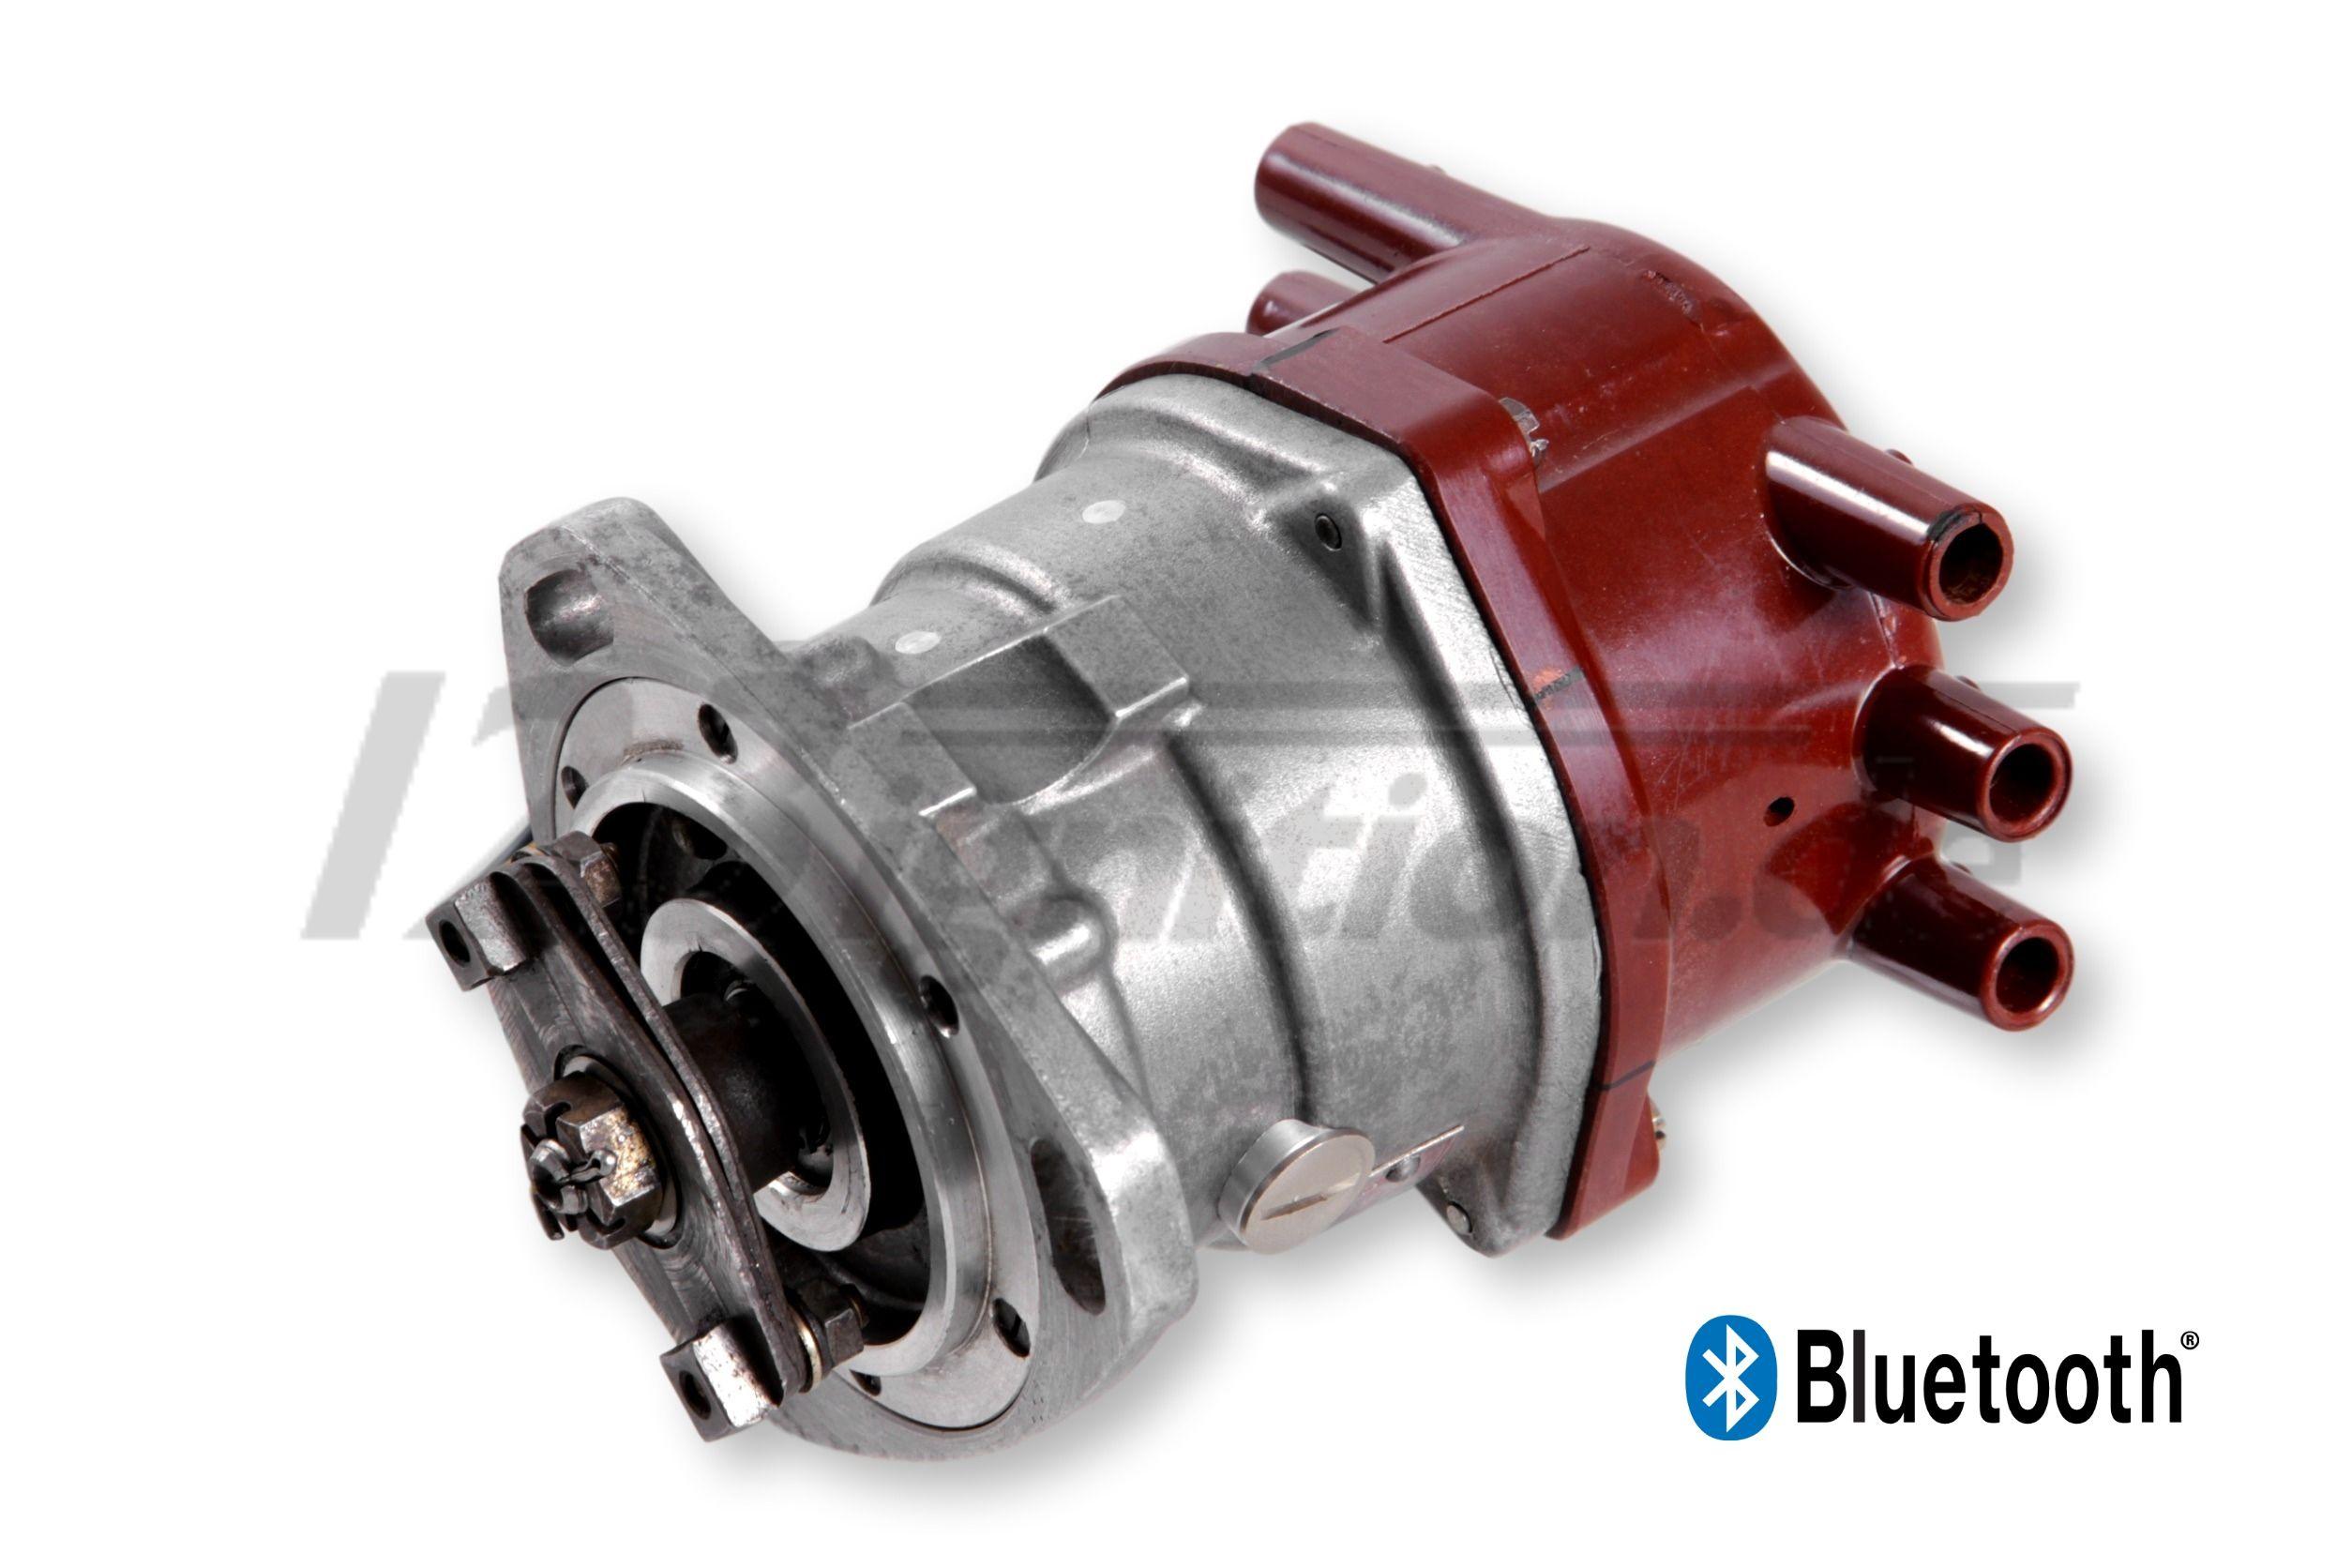 123\TUNE+ Bluetooth Zündverteiler für Ferrari Dino 206 GT 246 GT/GTS Abbildung 3